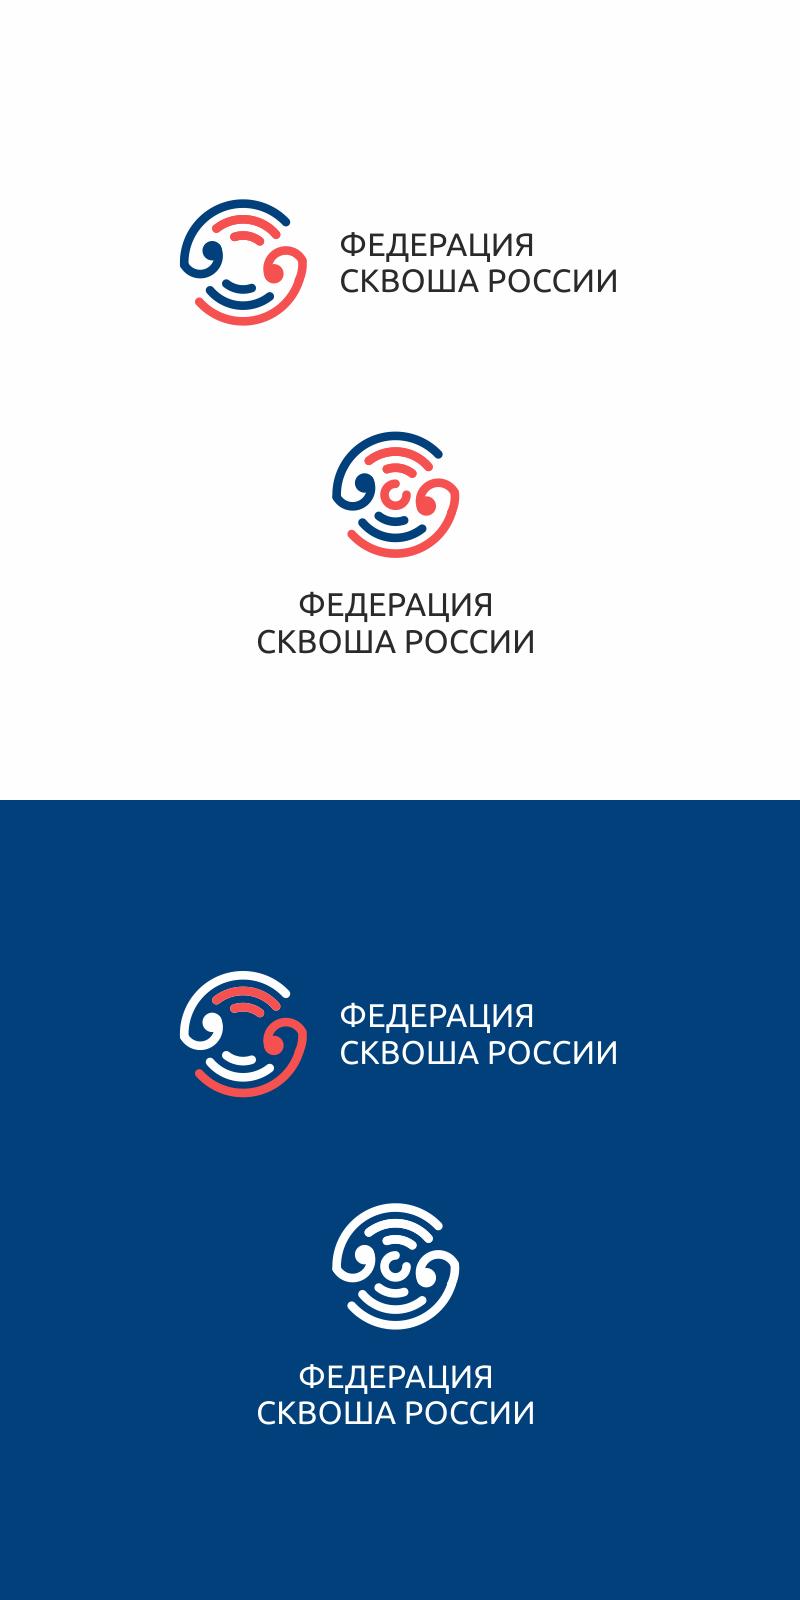 Разработать логотип для Федерации сквоша России фото f_3745f396f6f571f2.png